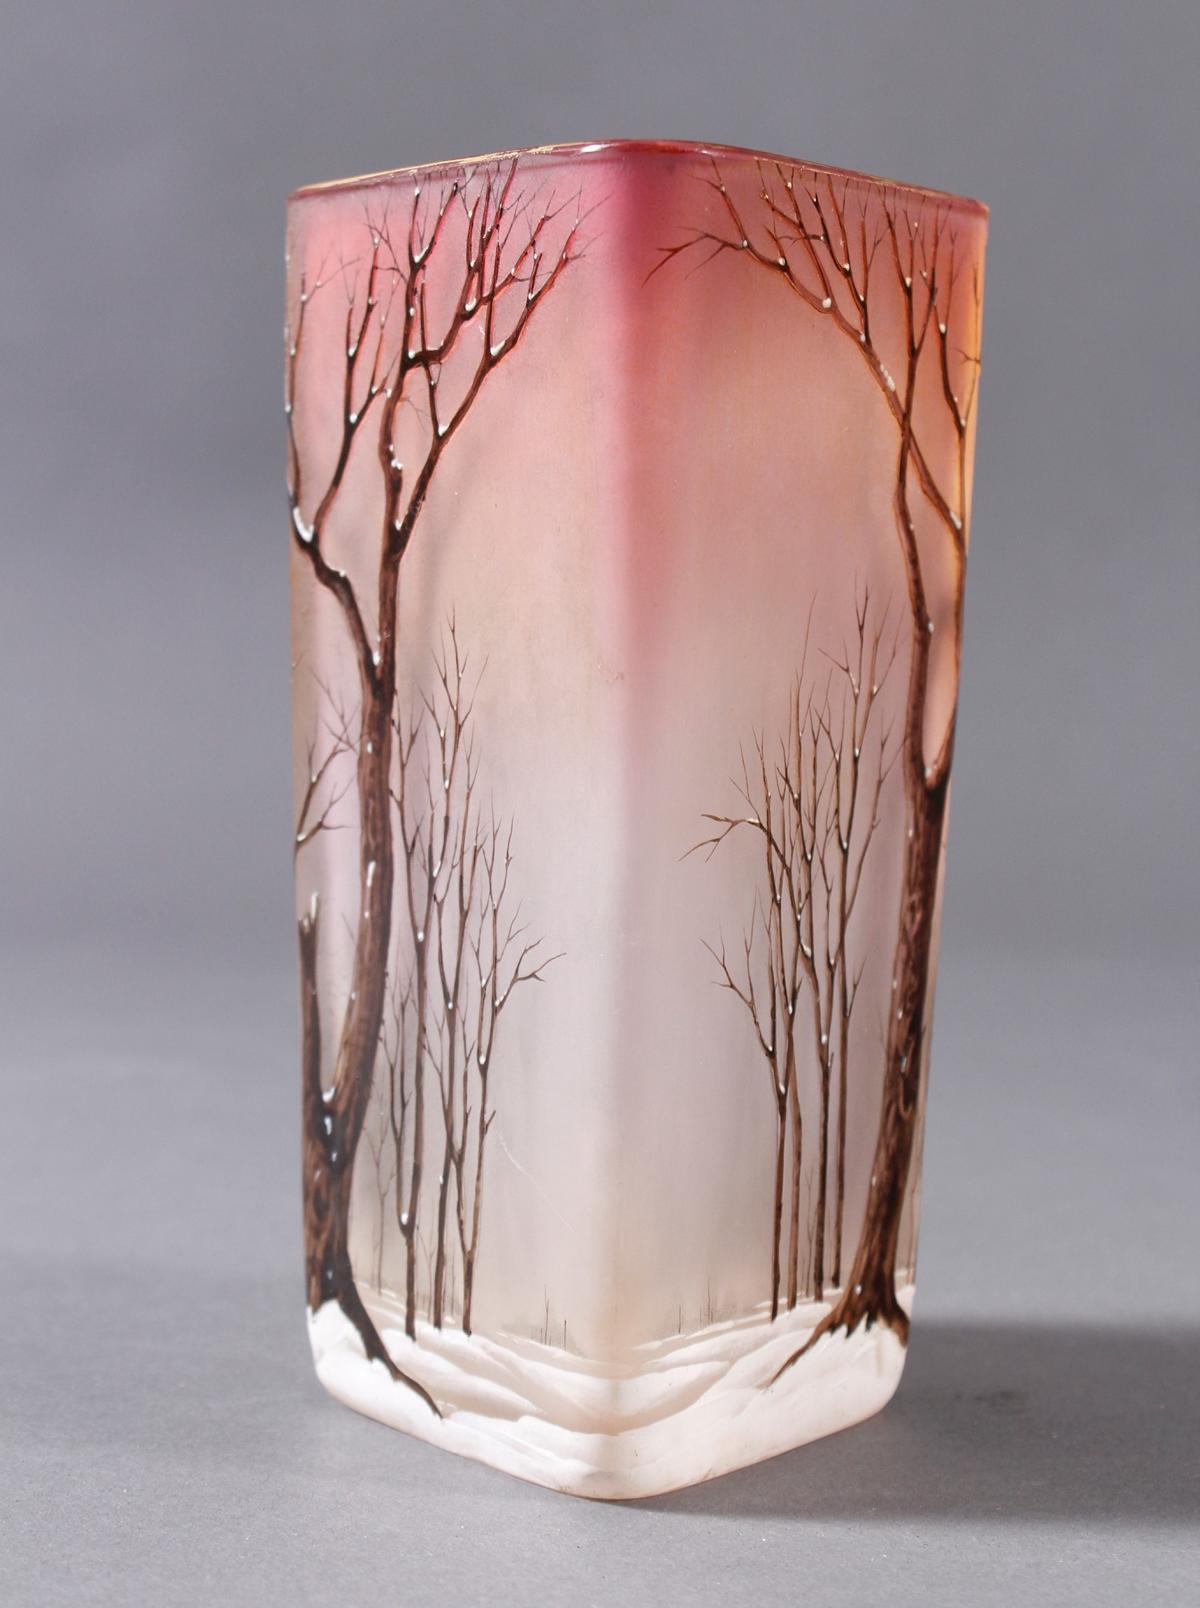 Jugendstil Glas Ziervase 'Paysage de neige', Frankreich um 1920-3